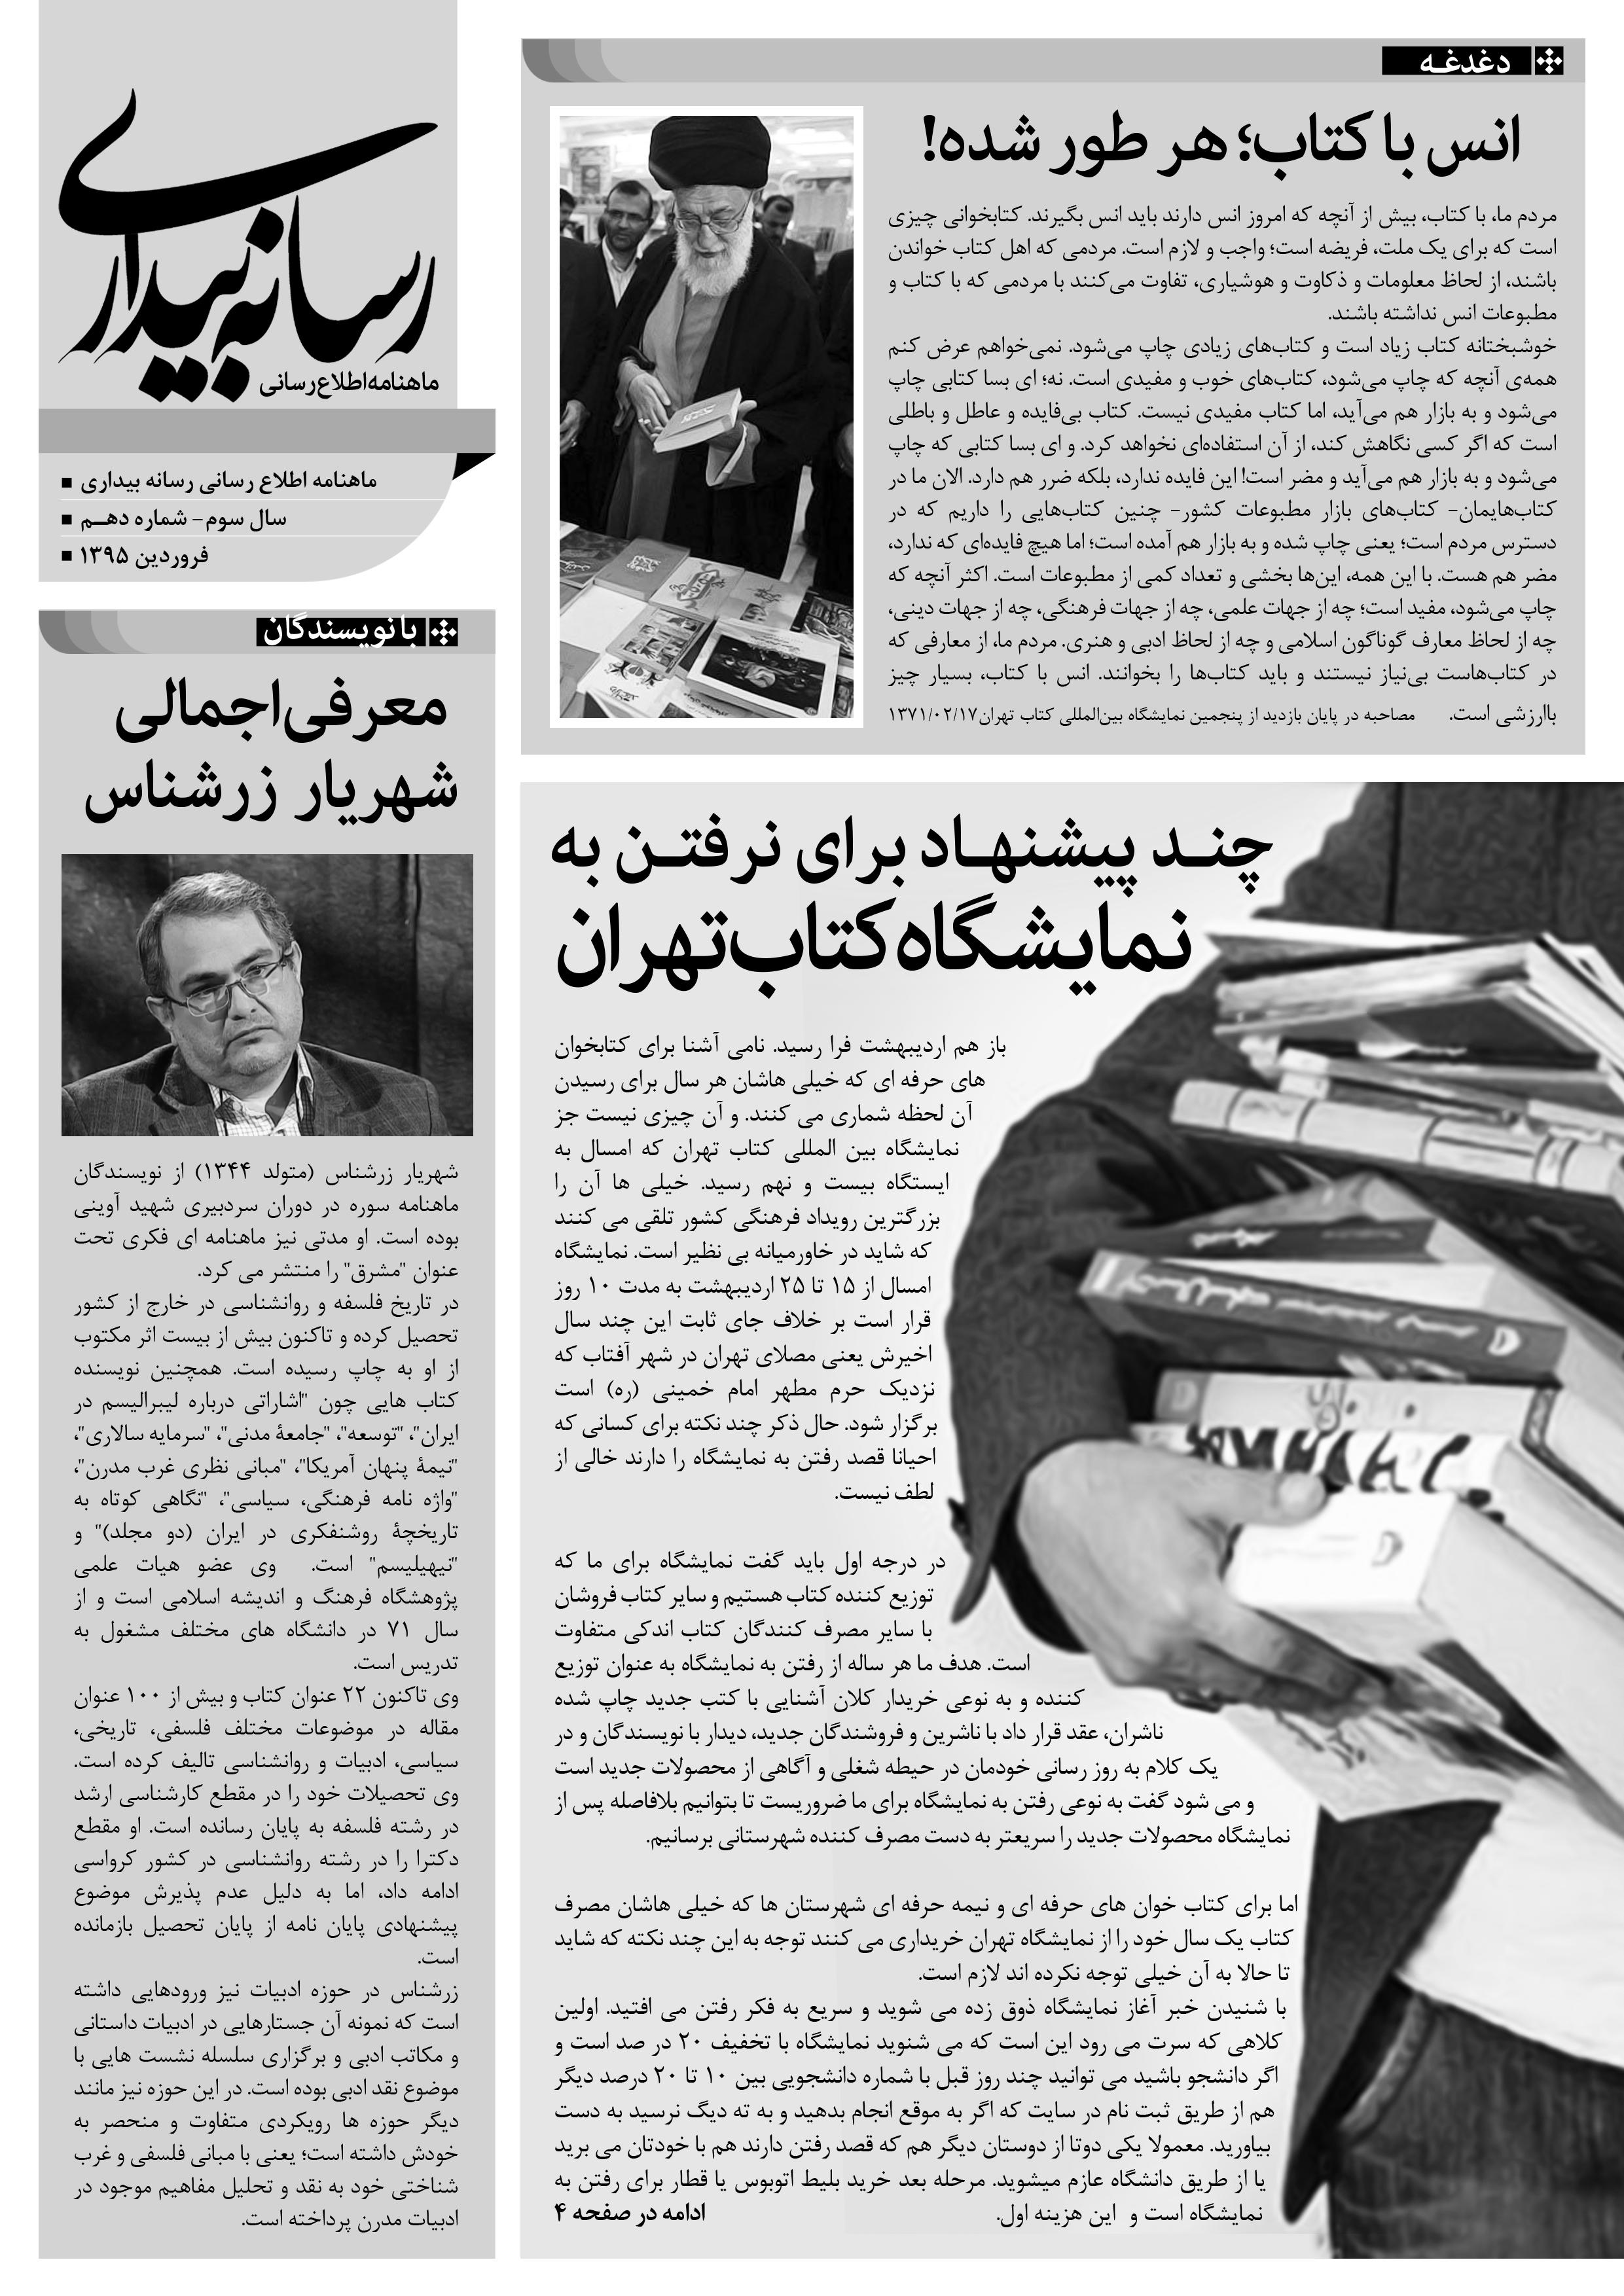 دهمین نشریه رسانه بیداری